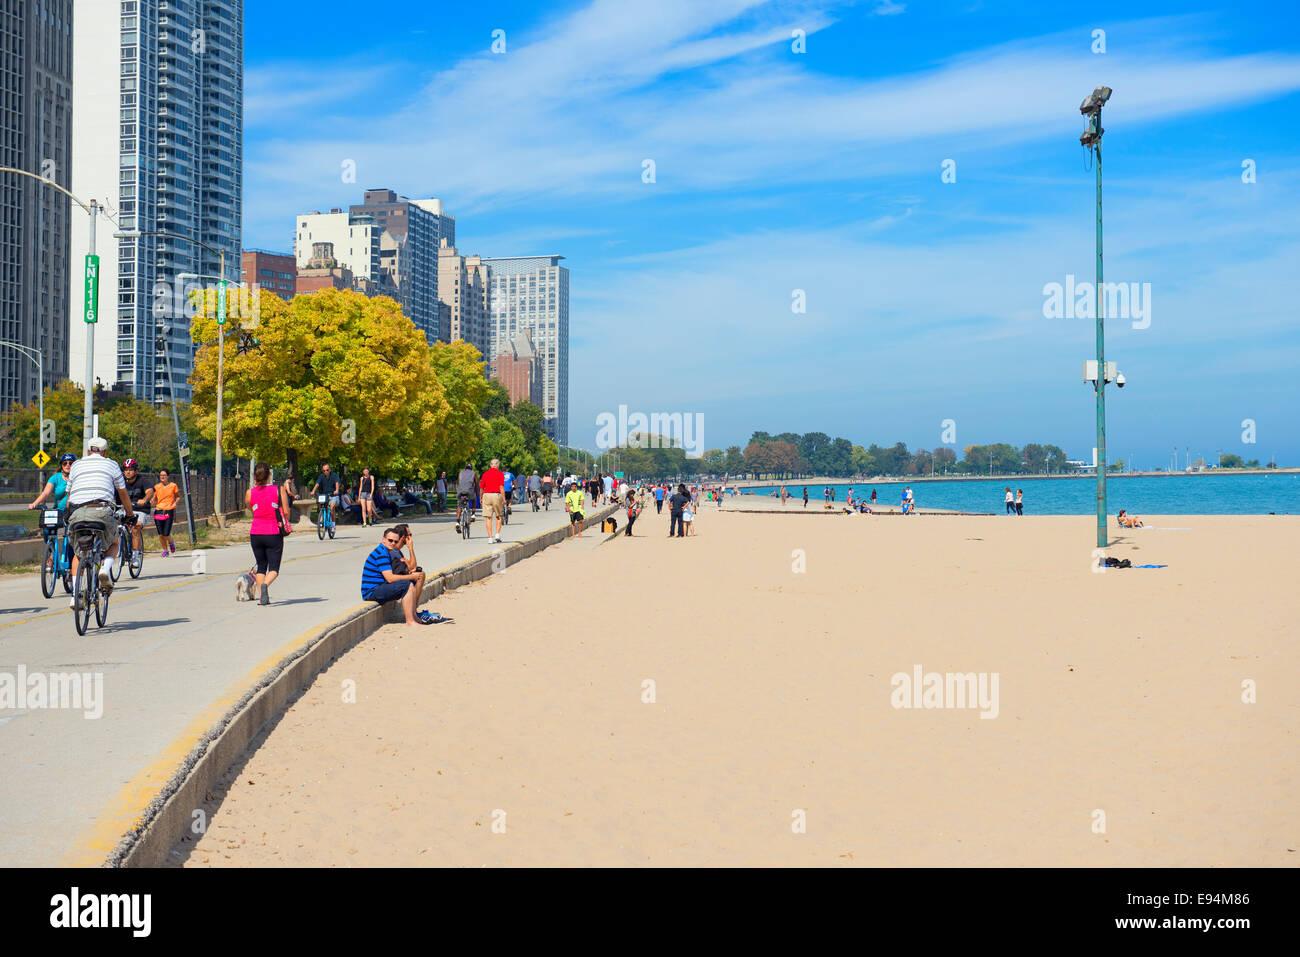 La playa de Oak Street en Chicago y vista del Lago Michigan, personas y bicicletas. Imagen De Stock